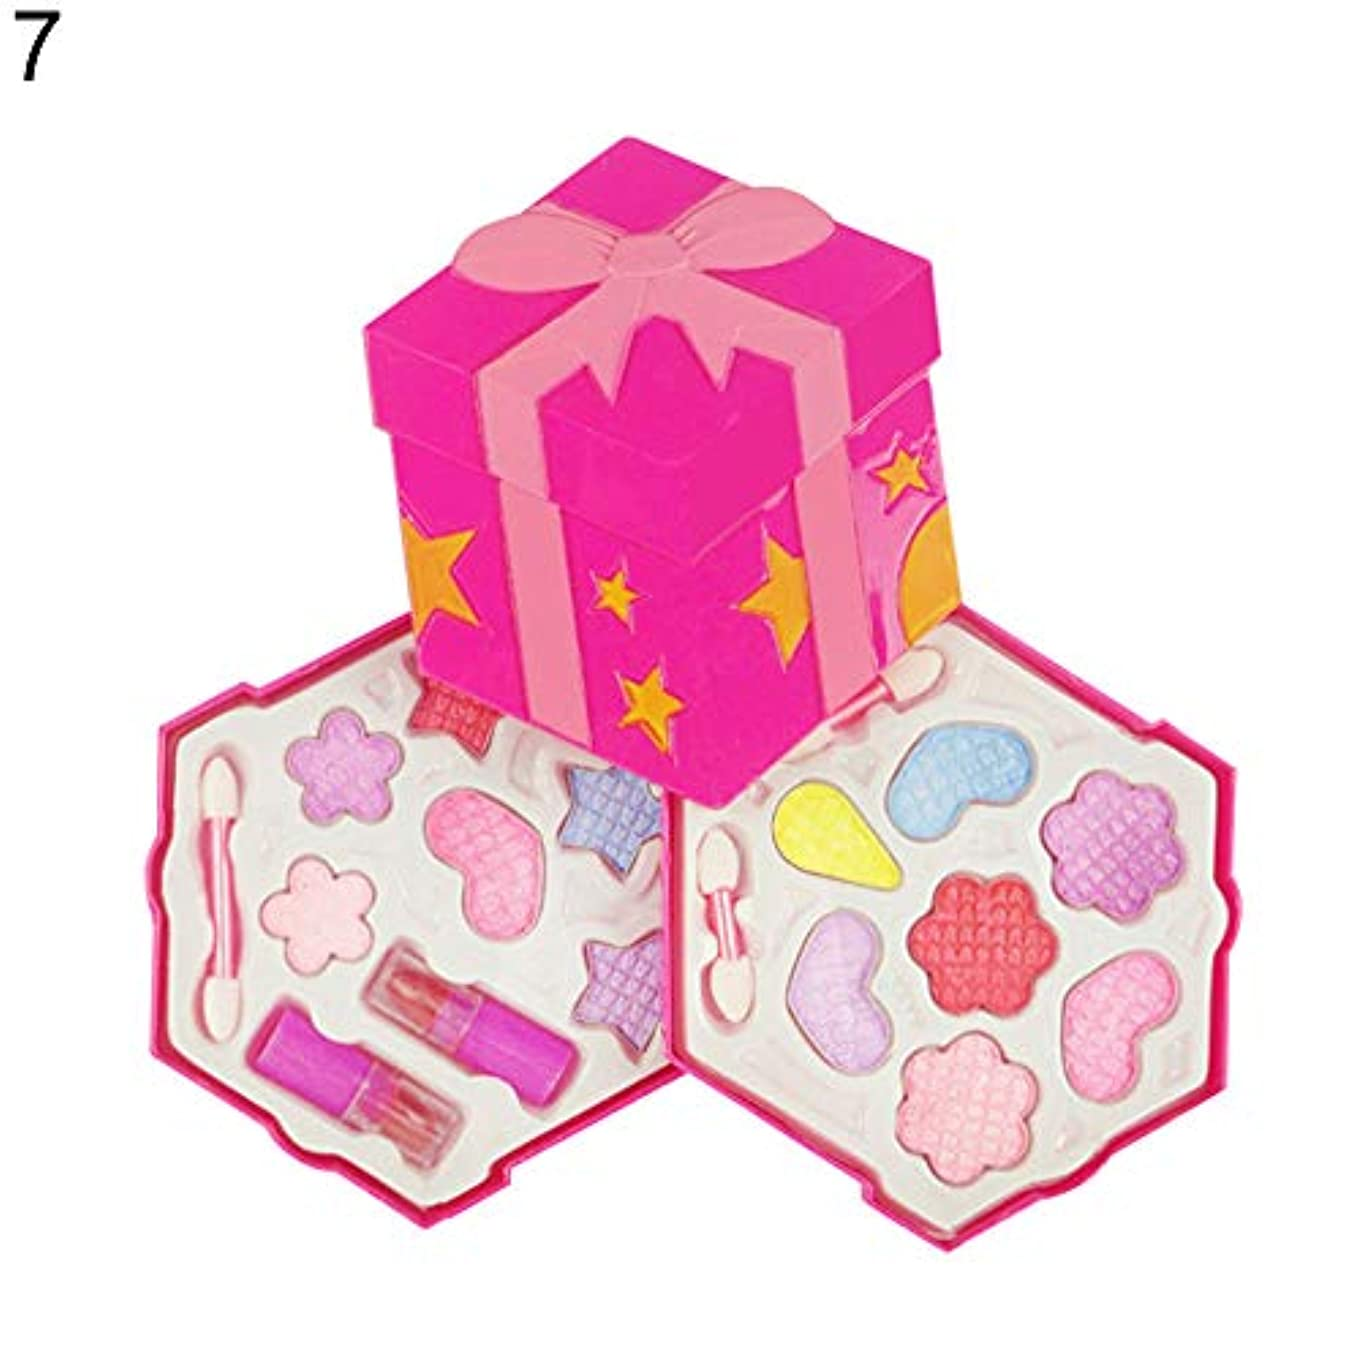 論争の的カラス回転させる花蝶ふりプレイメイクセット女の子シミュレーション非毒性化粧品 - 7